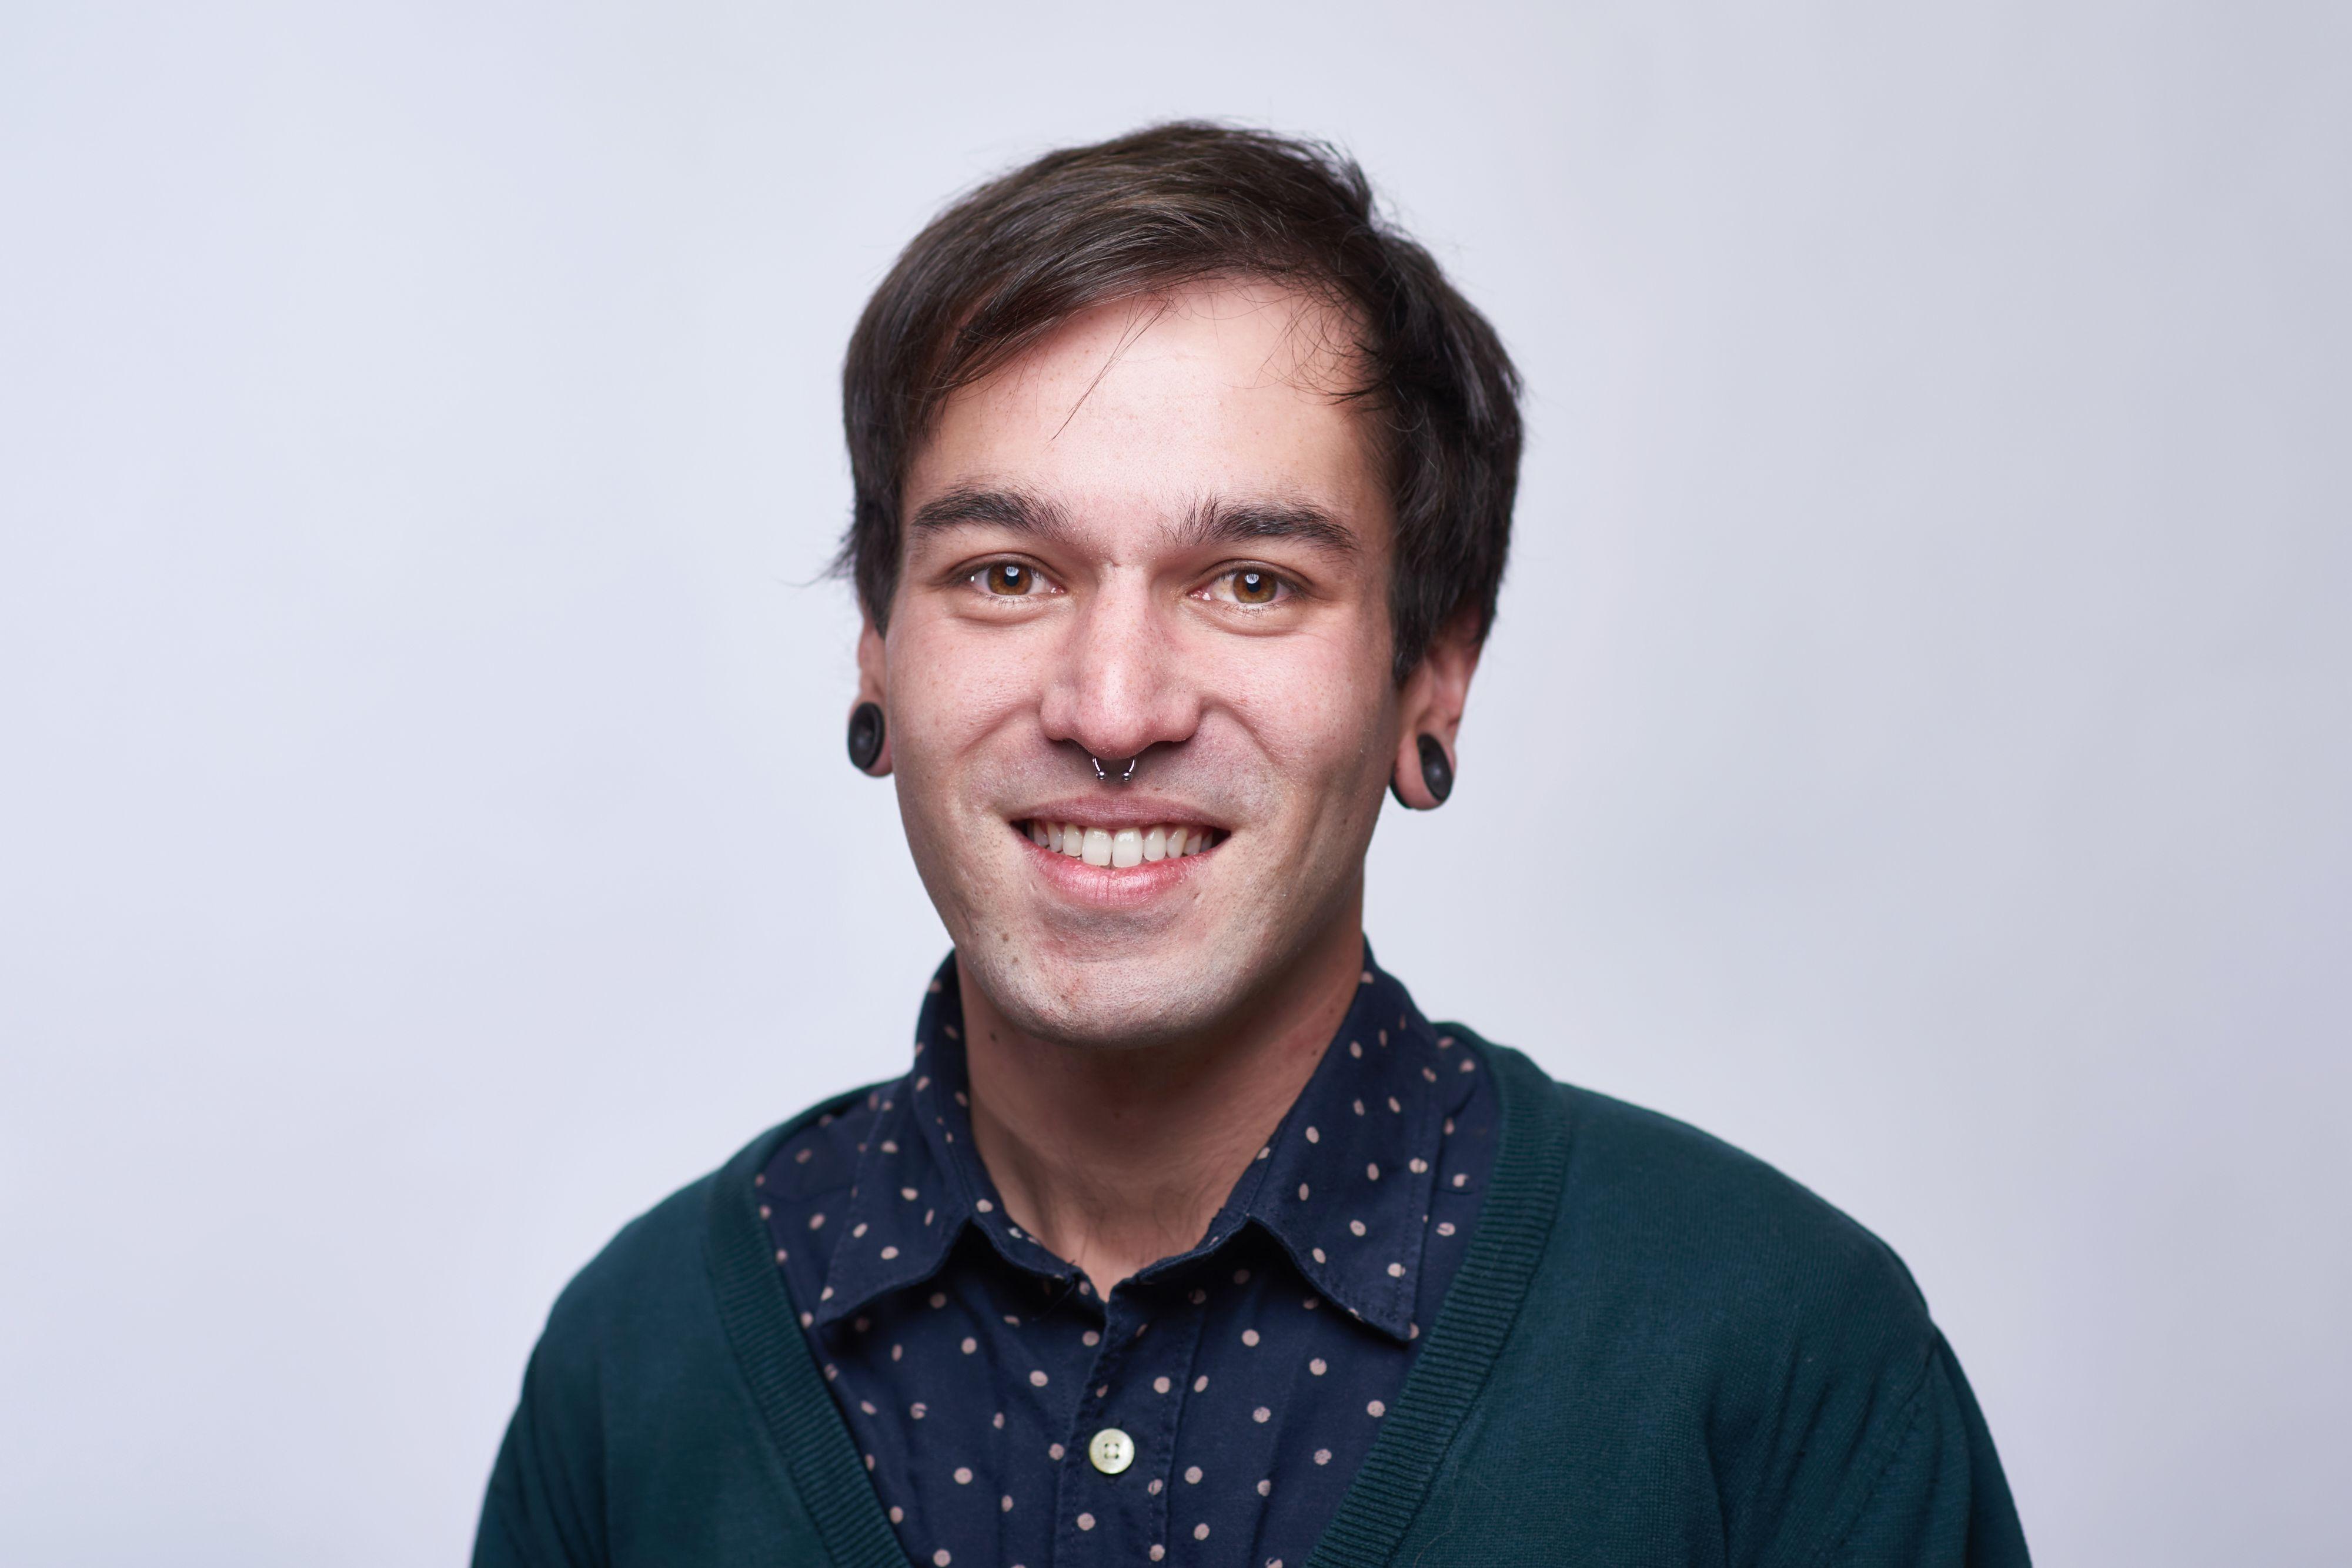 Daniel Nimz